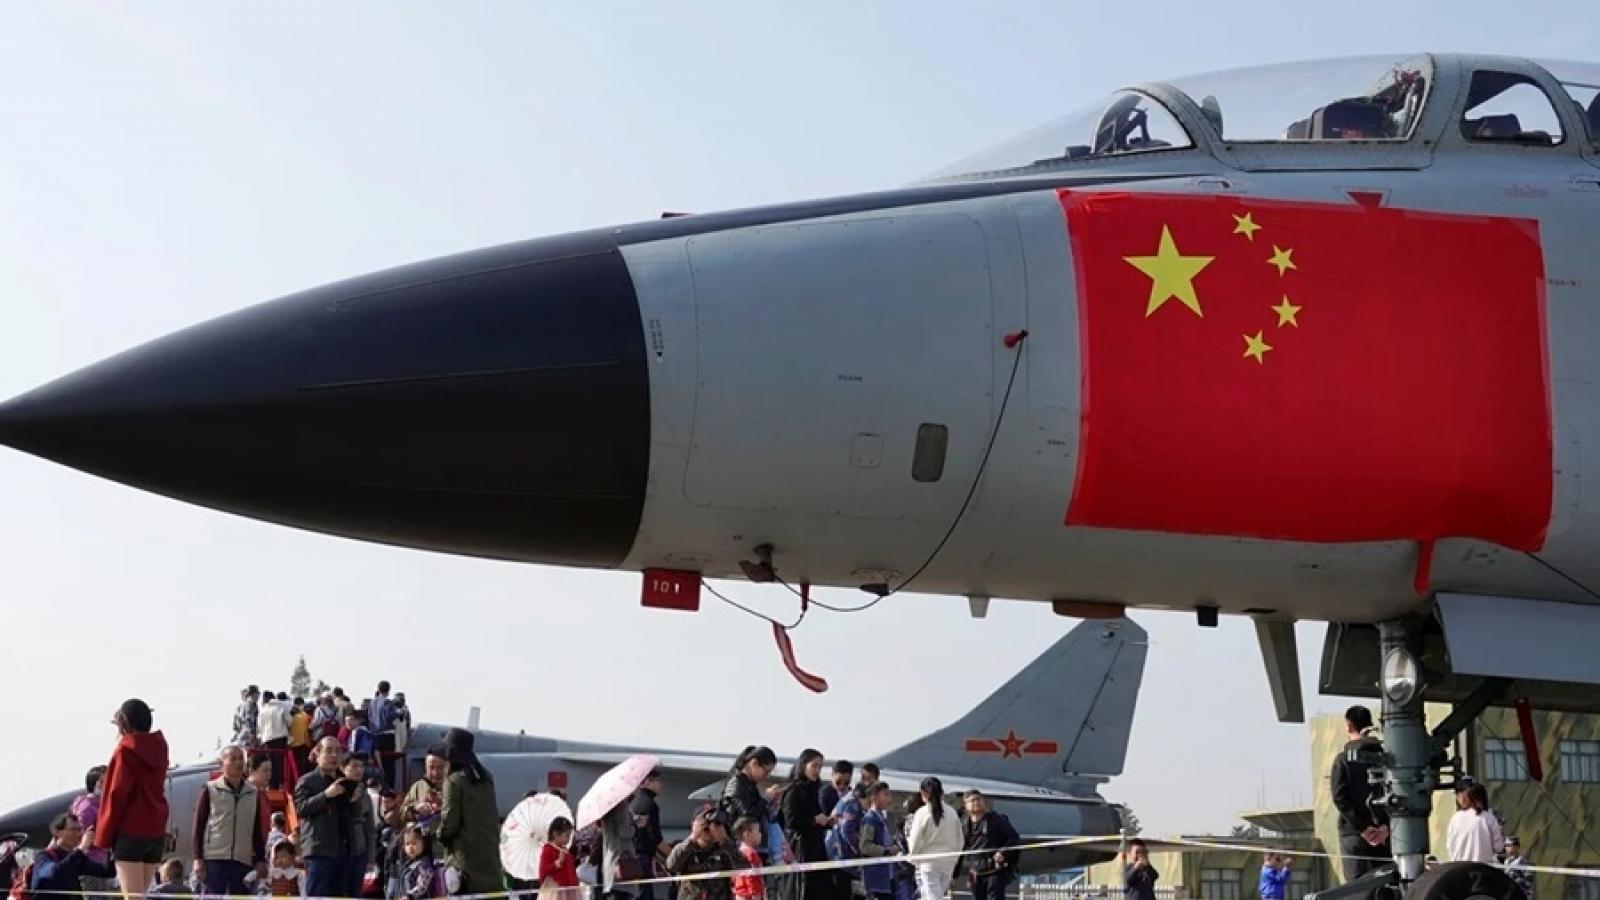 Ý đồ và kế hoạch của Trung Quốc đuổi kịp Mỹ về hiện đại hóa quân đội